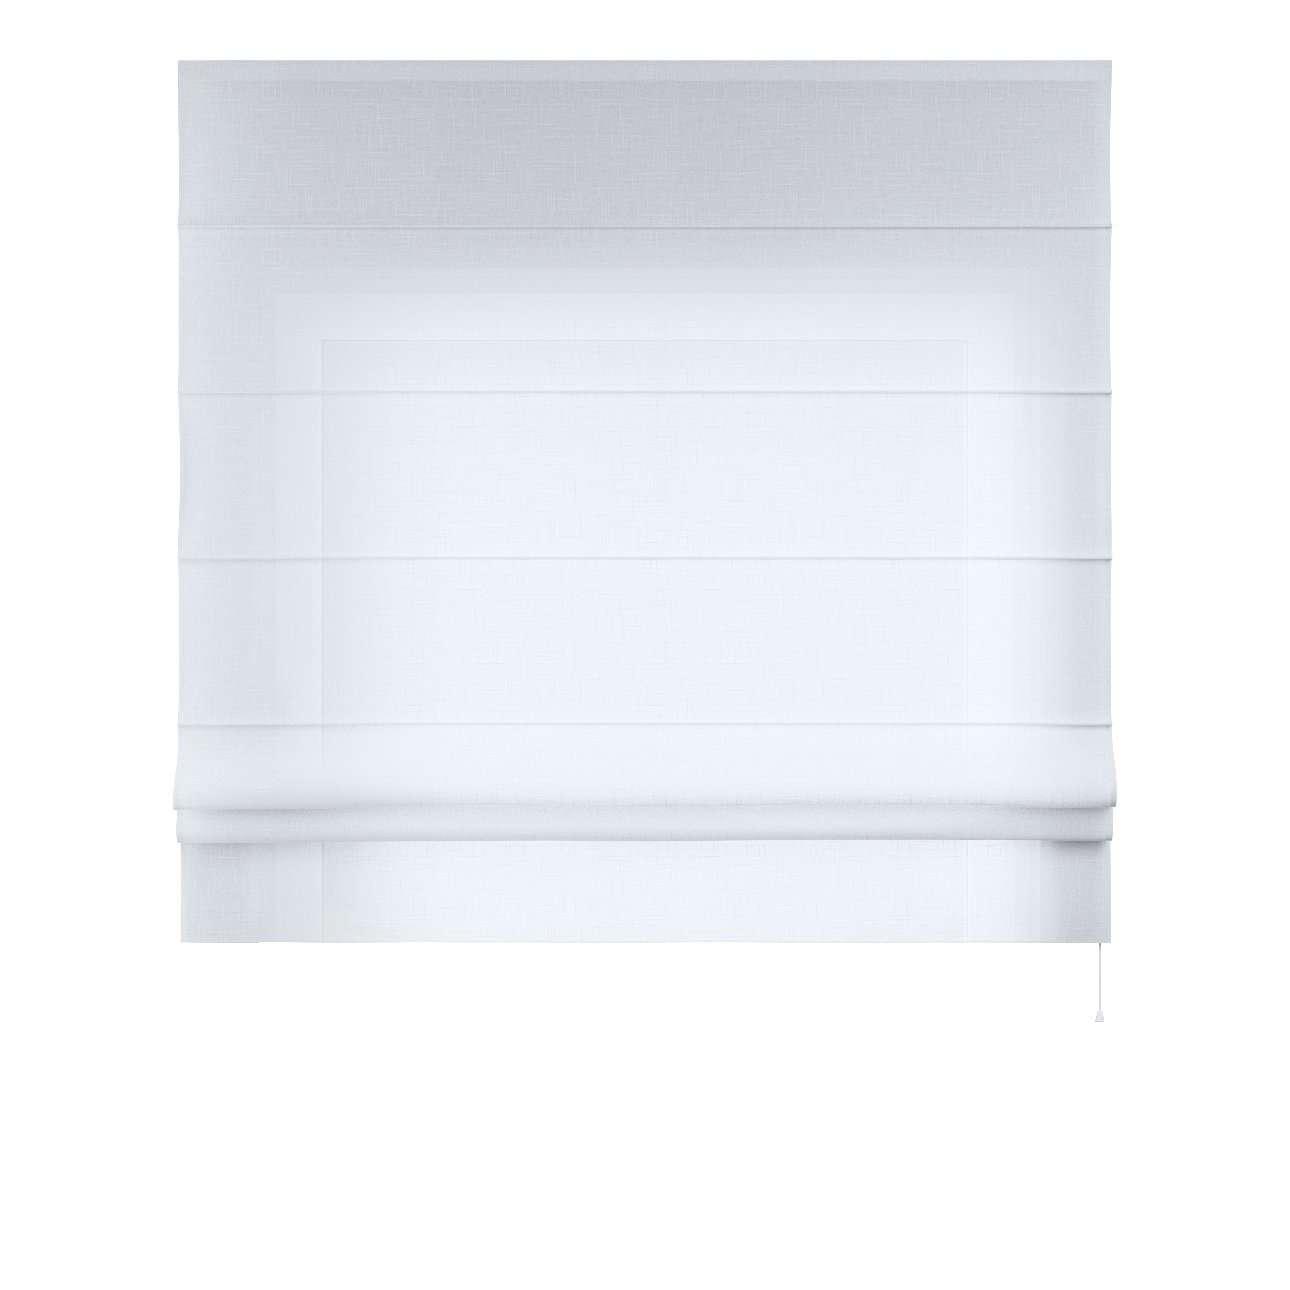 Raffrollo Padva 80 x 170 cm von der Kollektion Romantica, Stoff: 128-77